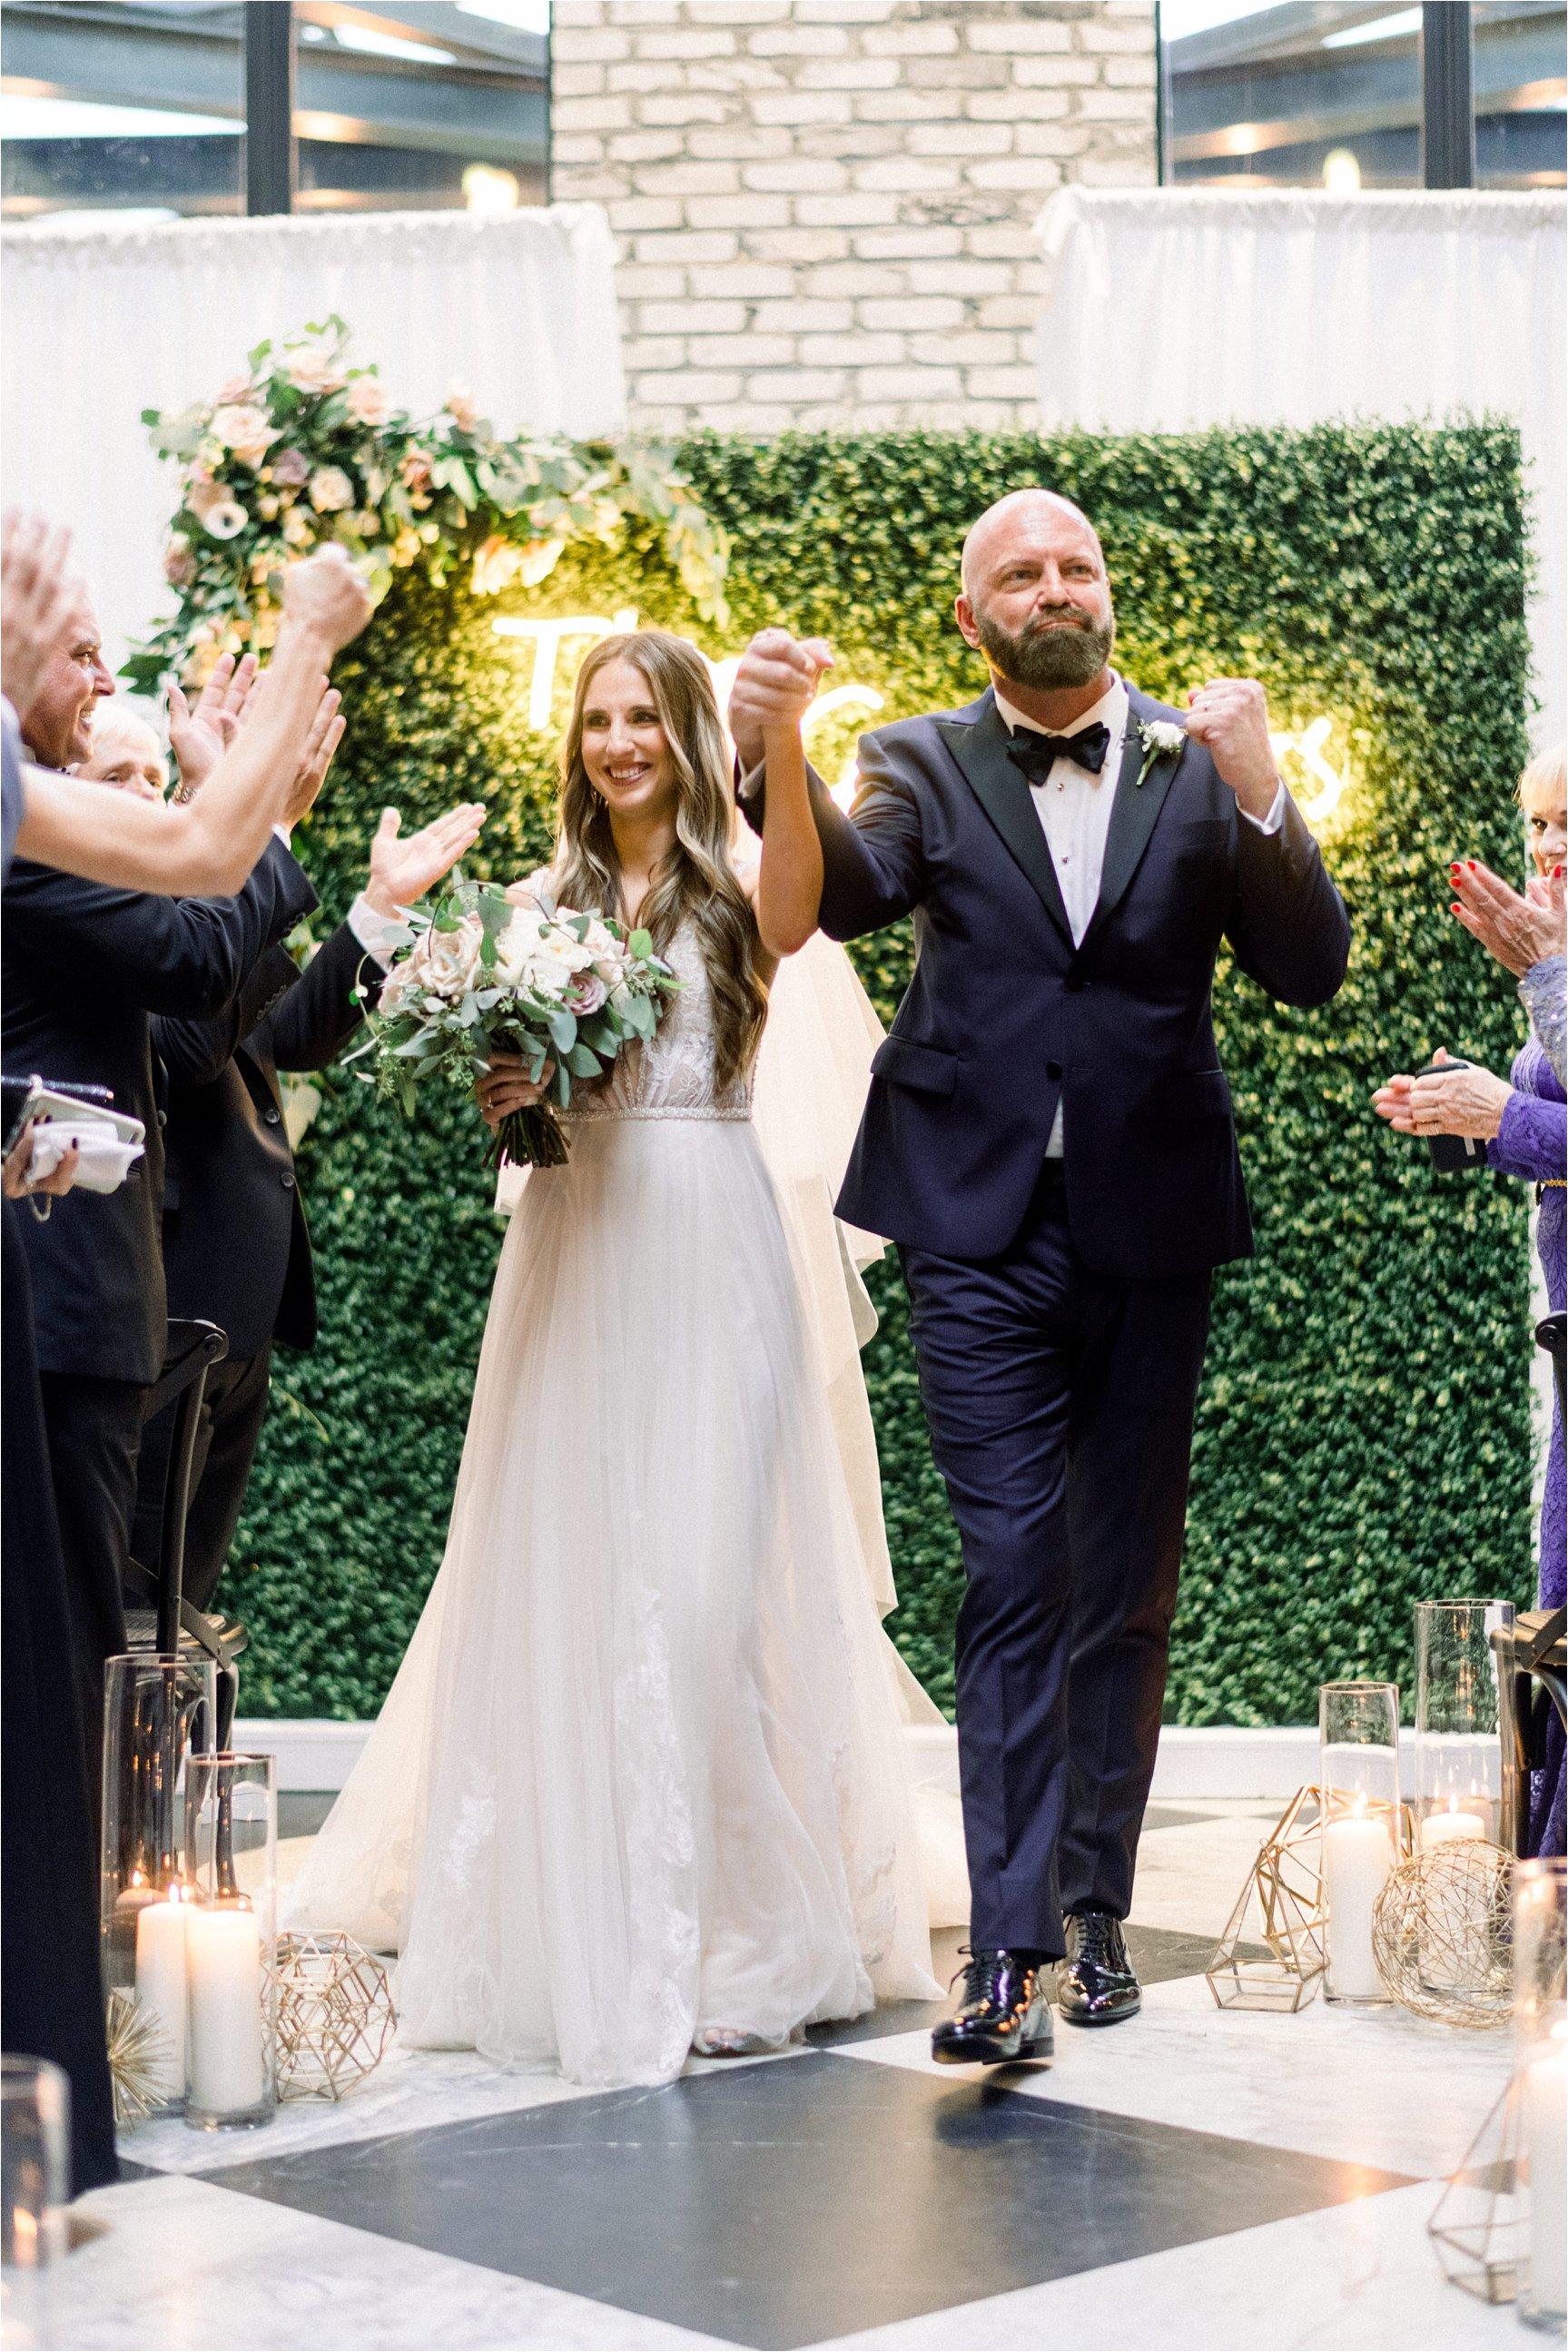 Oxford_Exchange_Wedding_Tampa152.JPG